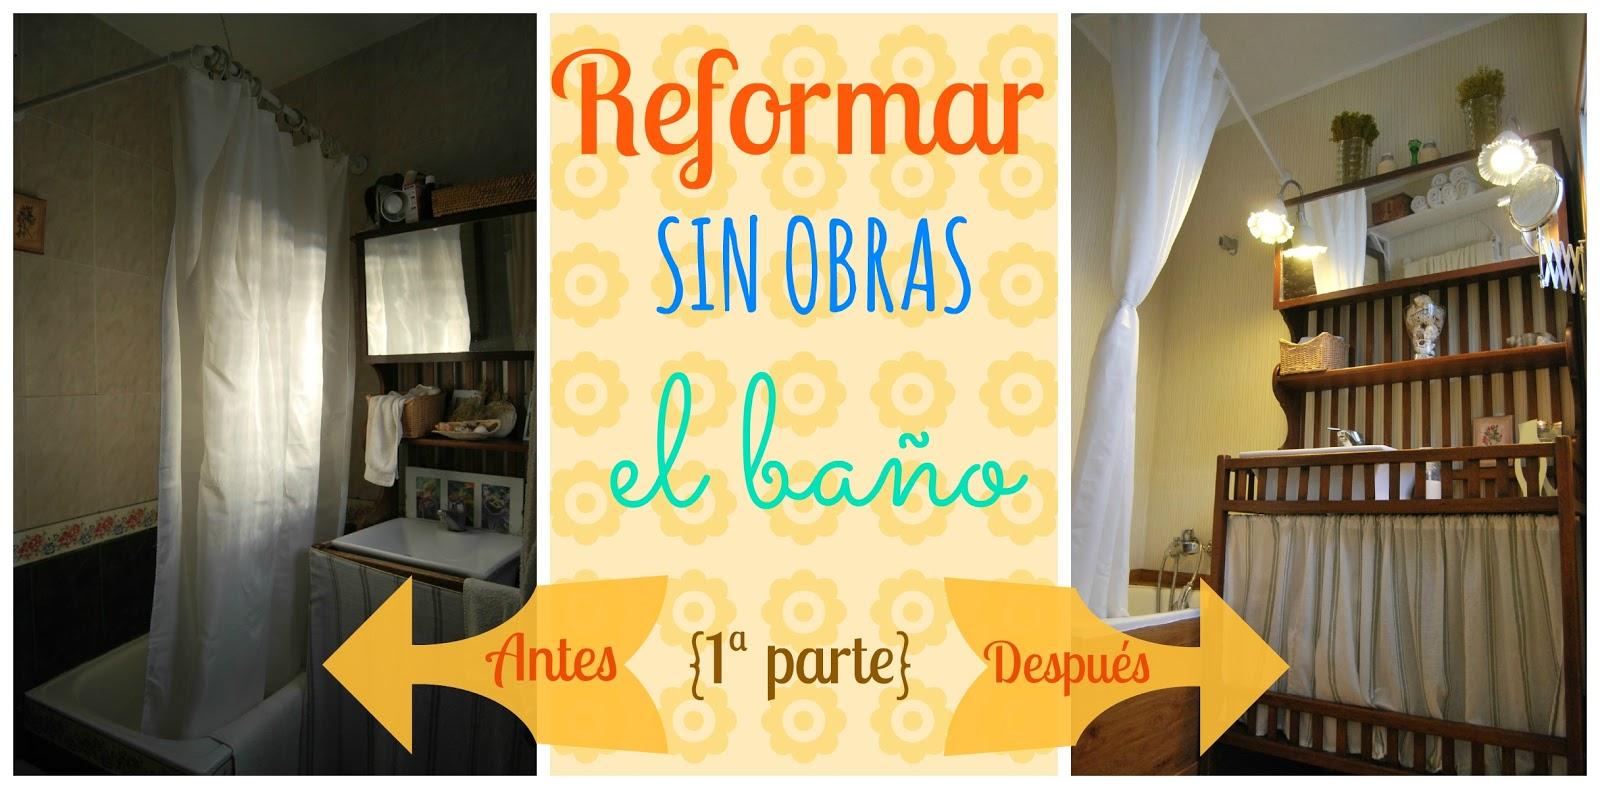 Casabel n blog reformar sin obras el ba o 1 parte - Reformar sin obras ...